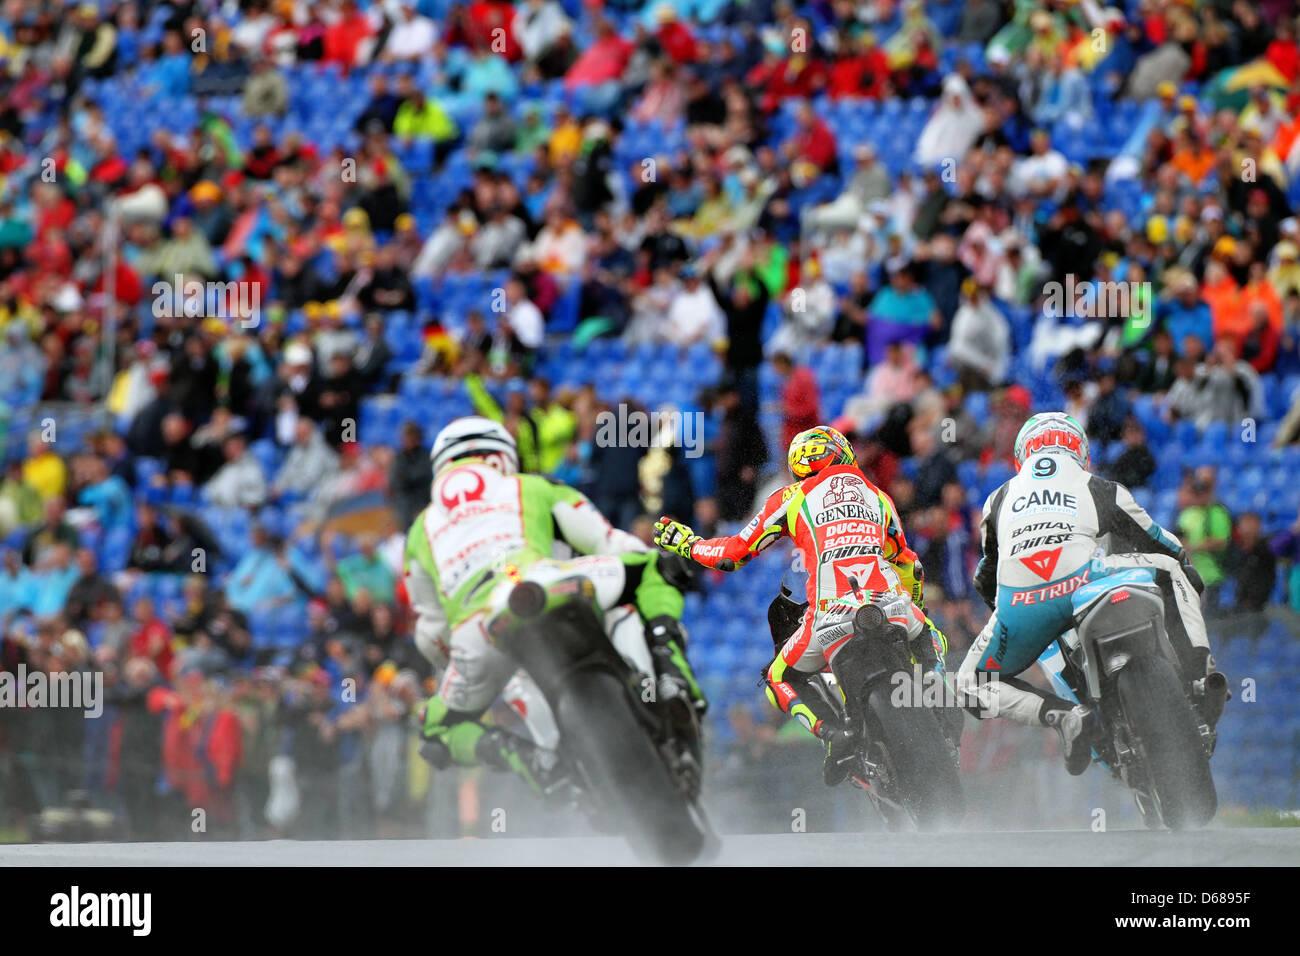 Italian MotoGP driver Valentino Rossi (M) of Team Ducati greets the fans between Italian driver Danilo Petrucci - Stock Image